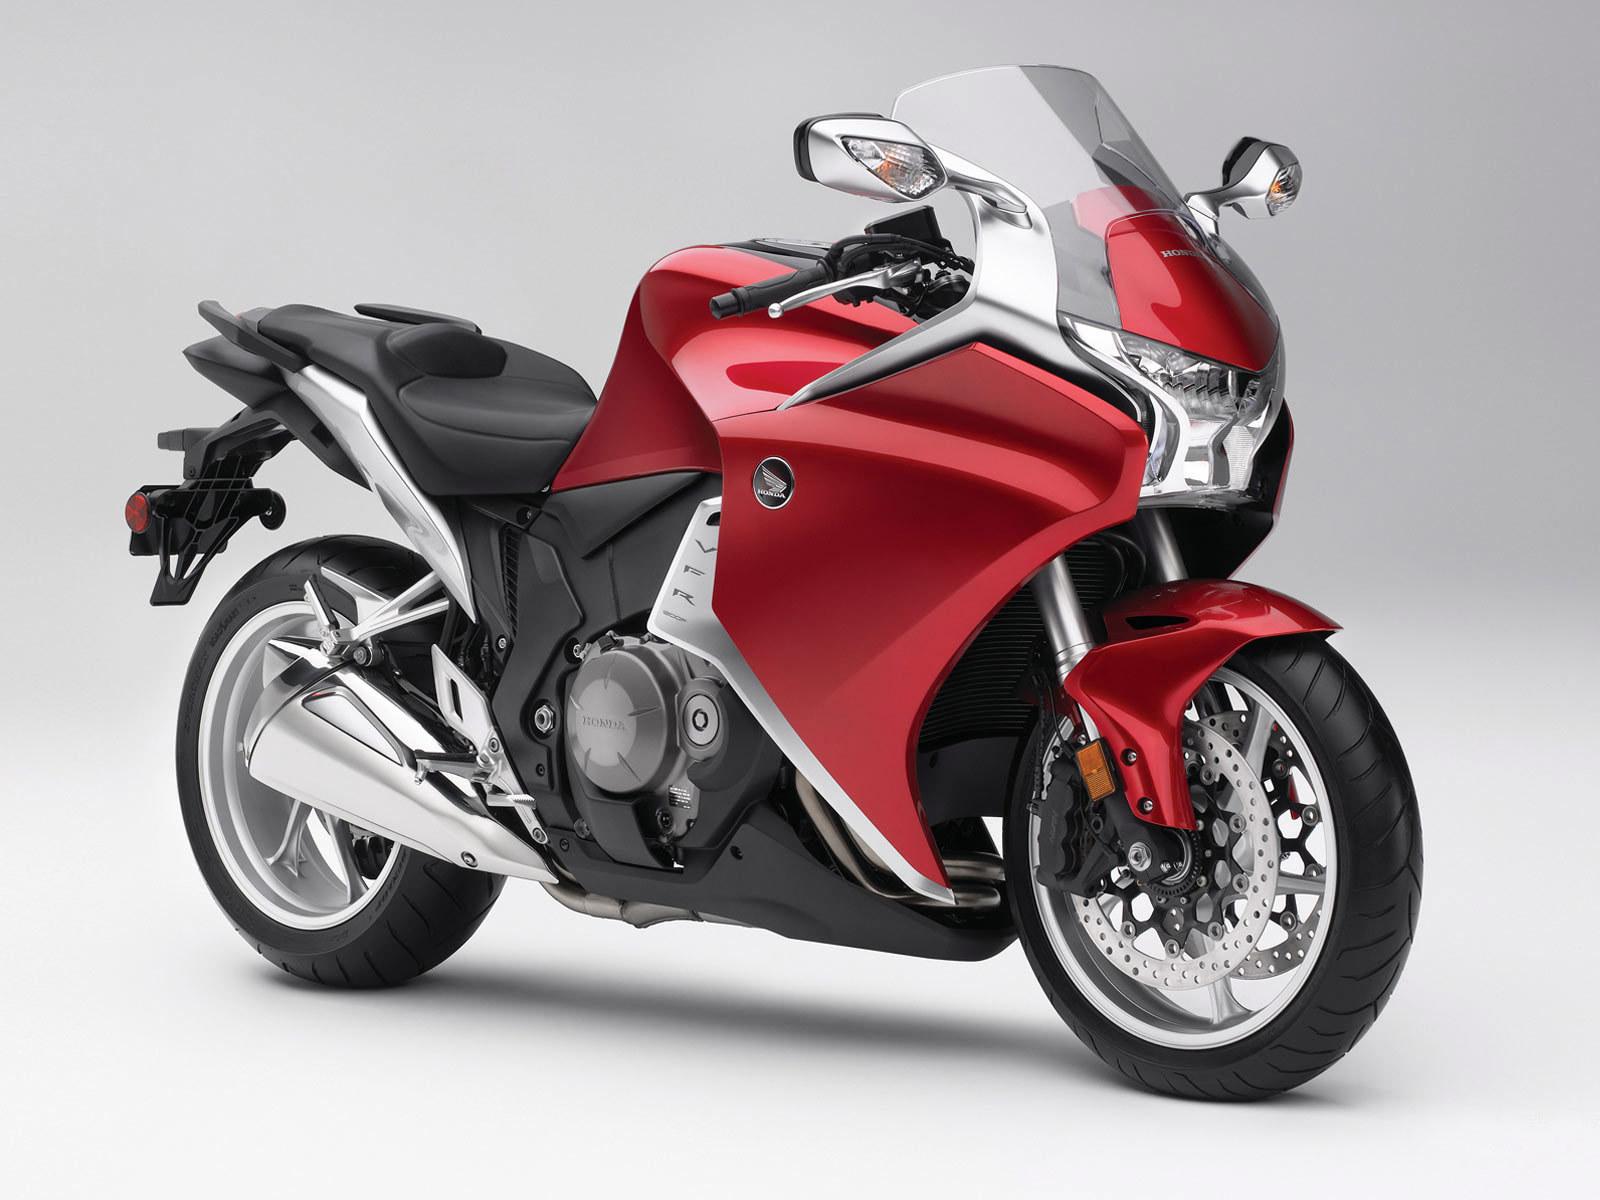 Honda Vfr 1200f Motorcycles Wallpaper 14487288 Fanpop